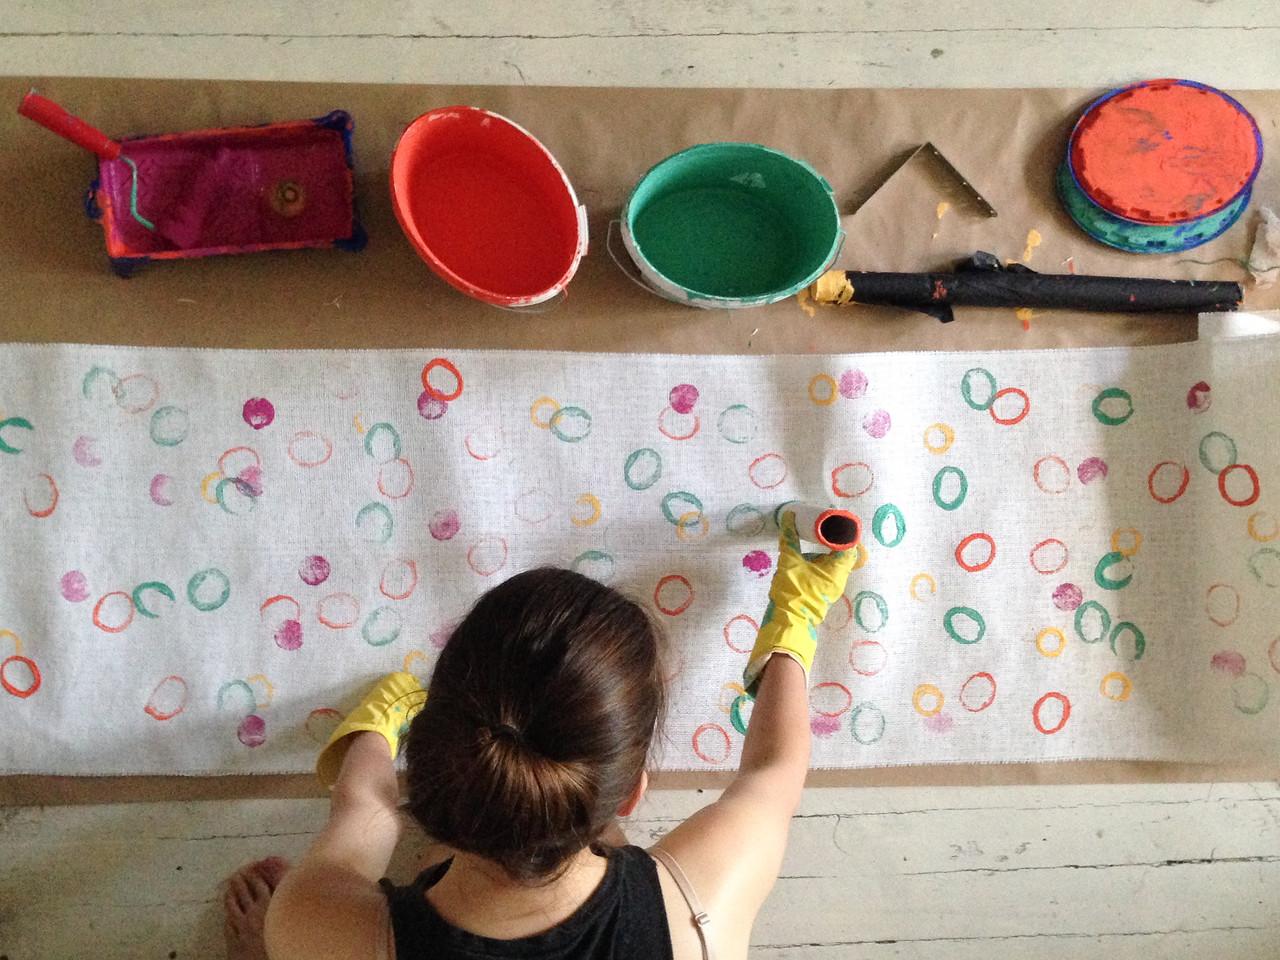 Эта ткань пойдет на обтяжку кубов. Кружки рисовала всем: рулонами, стаканами, срезами овощей и фруктов.